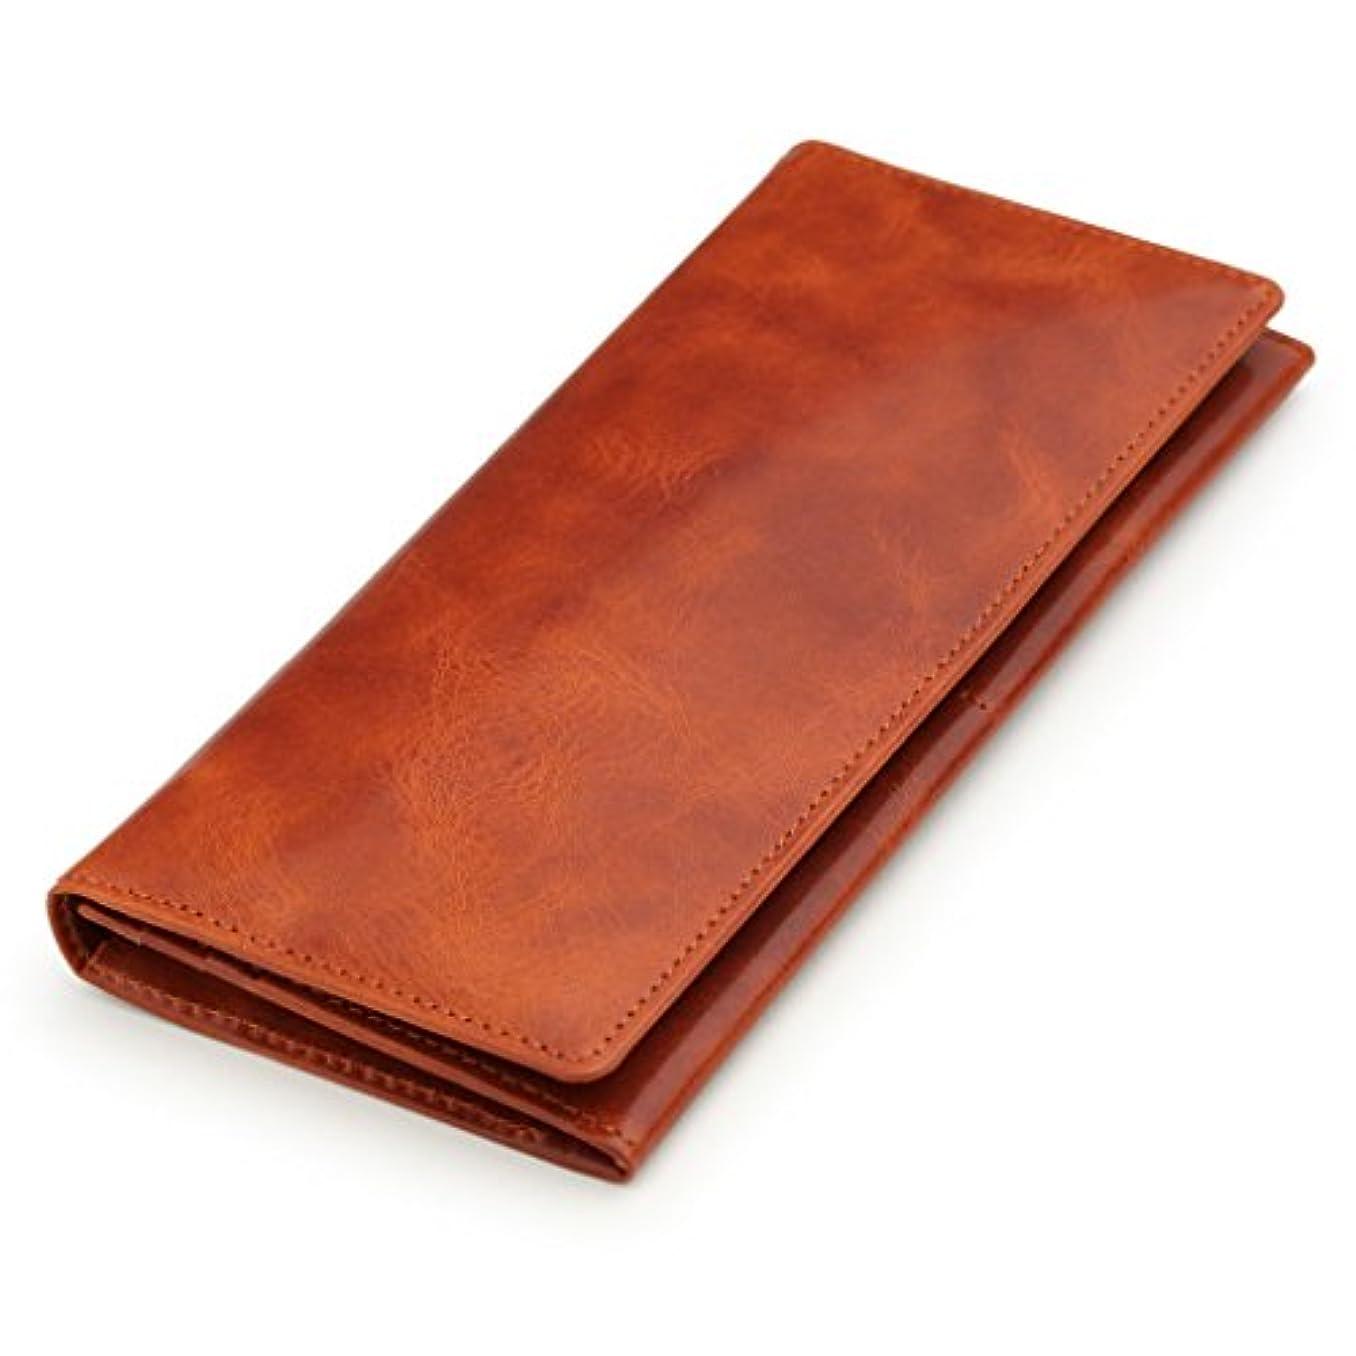 以来干ばつ剃る[アビエス] ABIES L.P. 日本製 ヴィンテージワックスレザー 本革 長財布